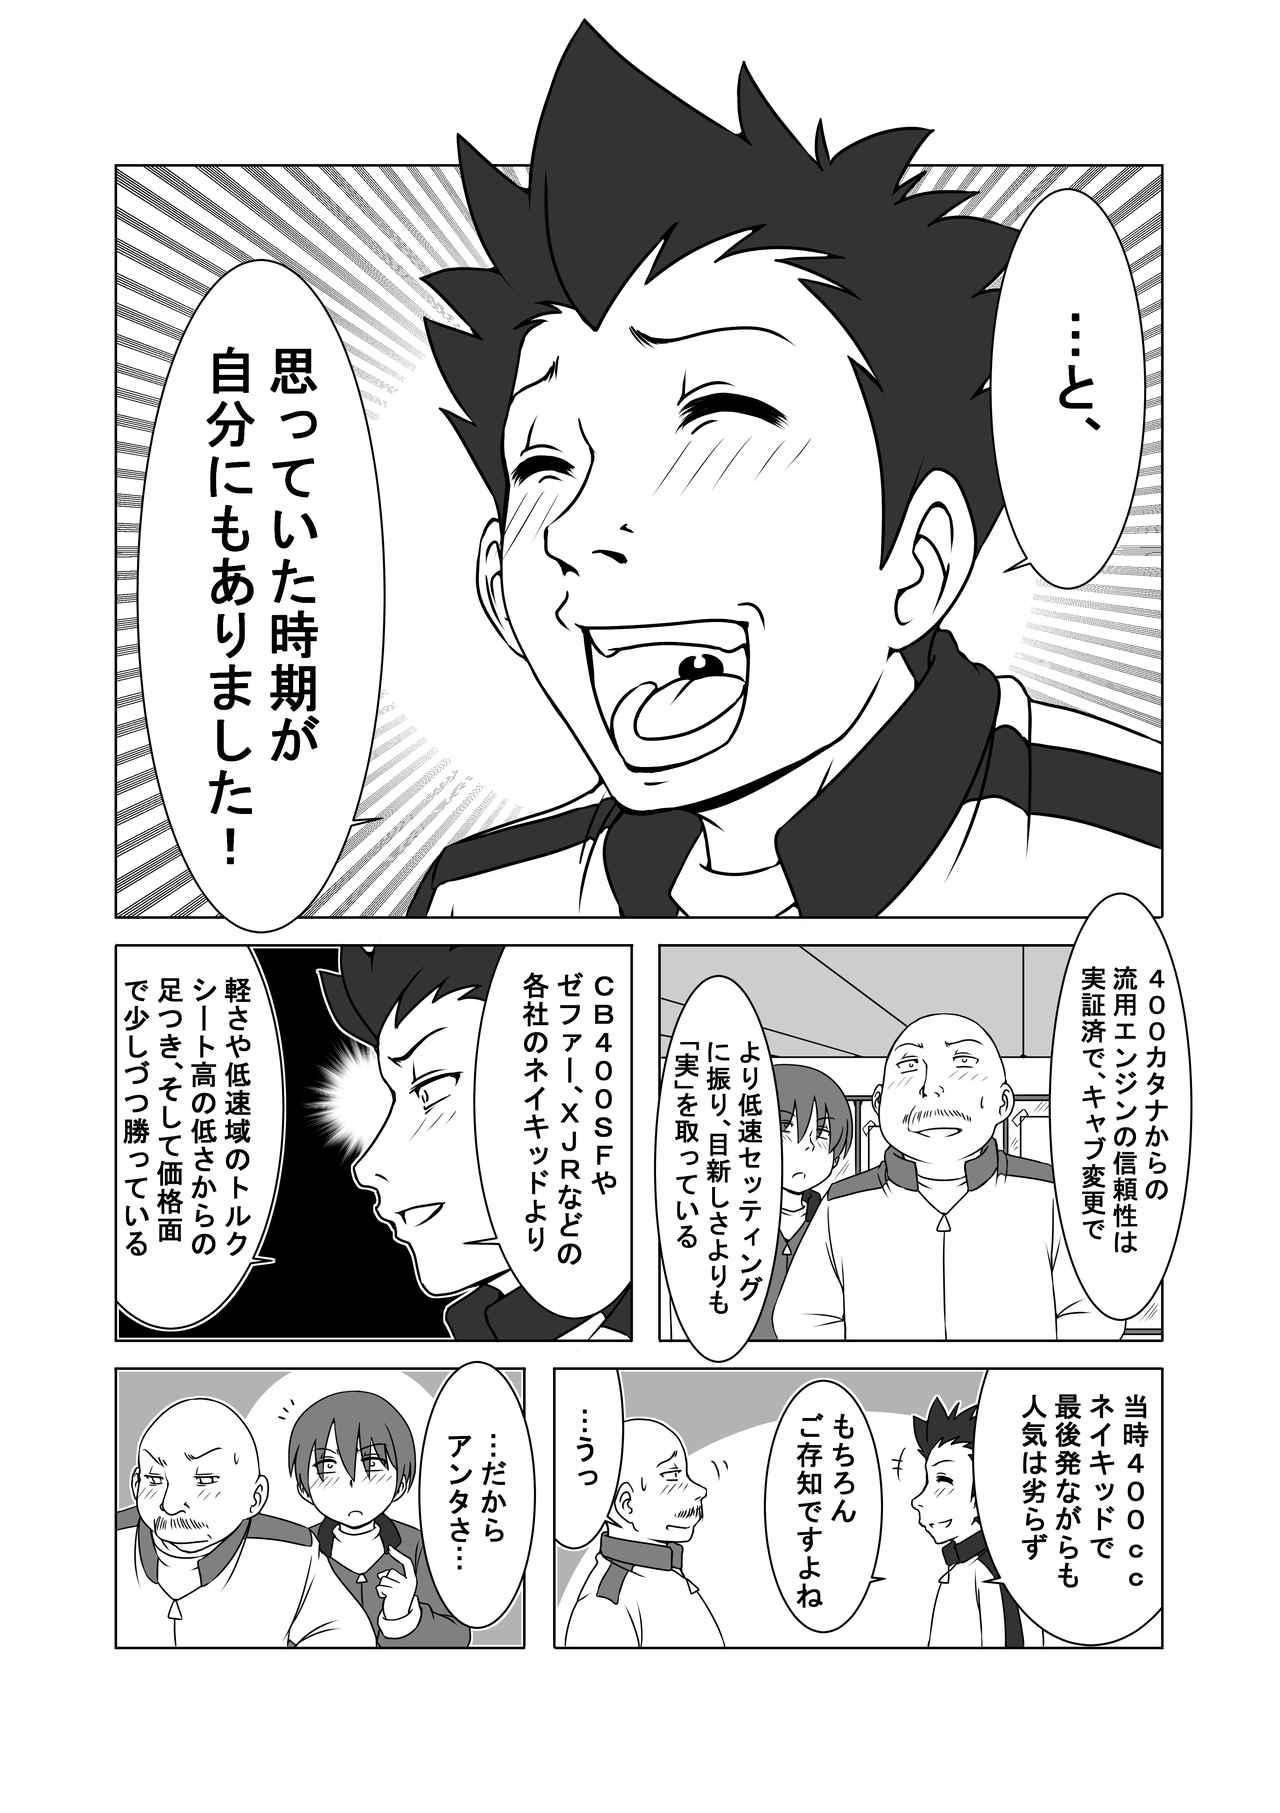 画像3: 『バイク擬人化菌書』第41輪「心で感じたインパルス」 作:鈴木秀吉